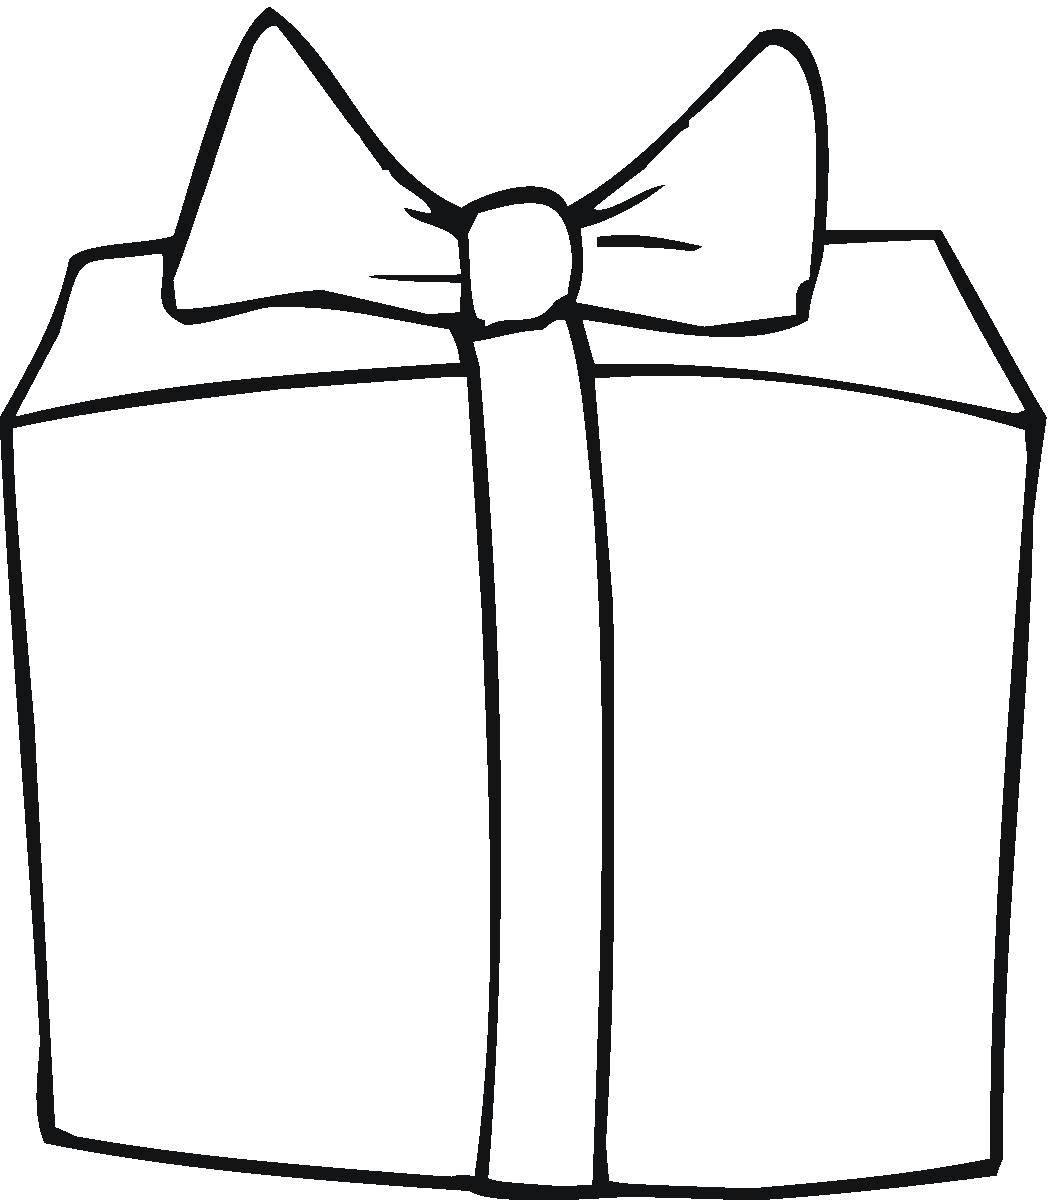 Раскраска Упаковка подарка Скачать Подарки, праздник.  Распечатать ,раскраски,